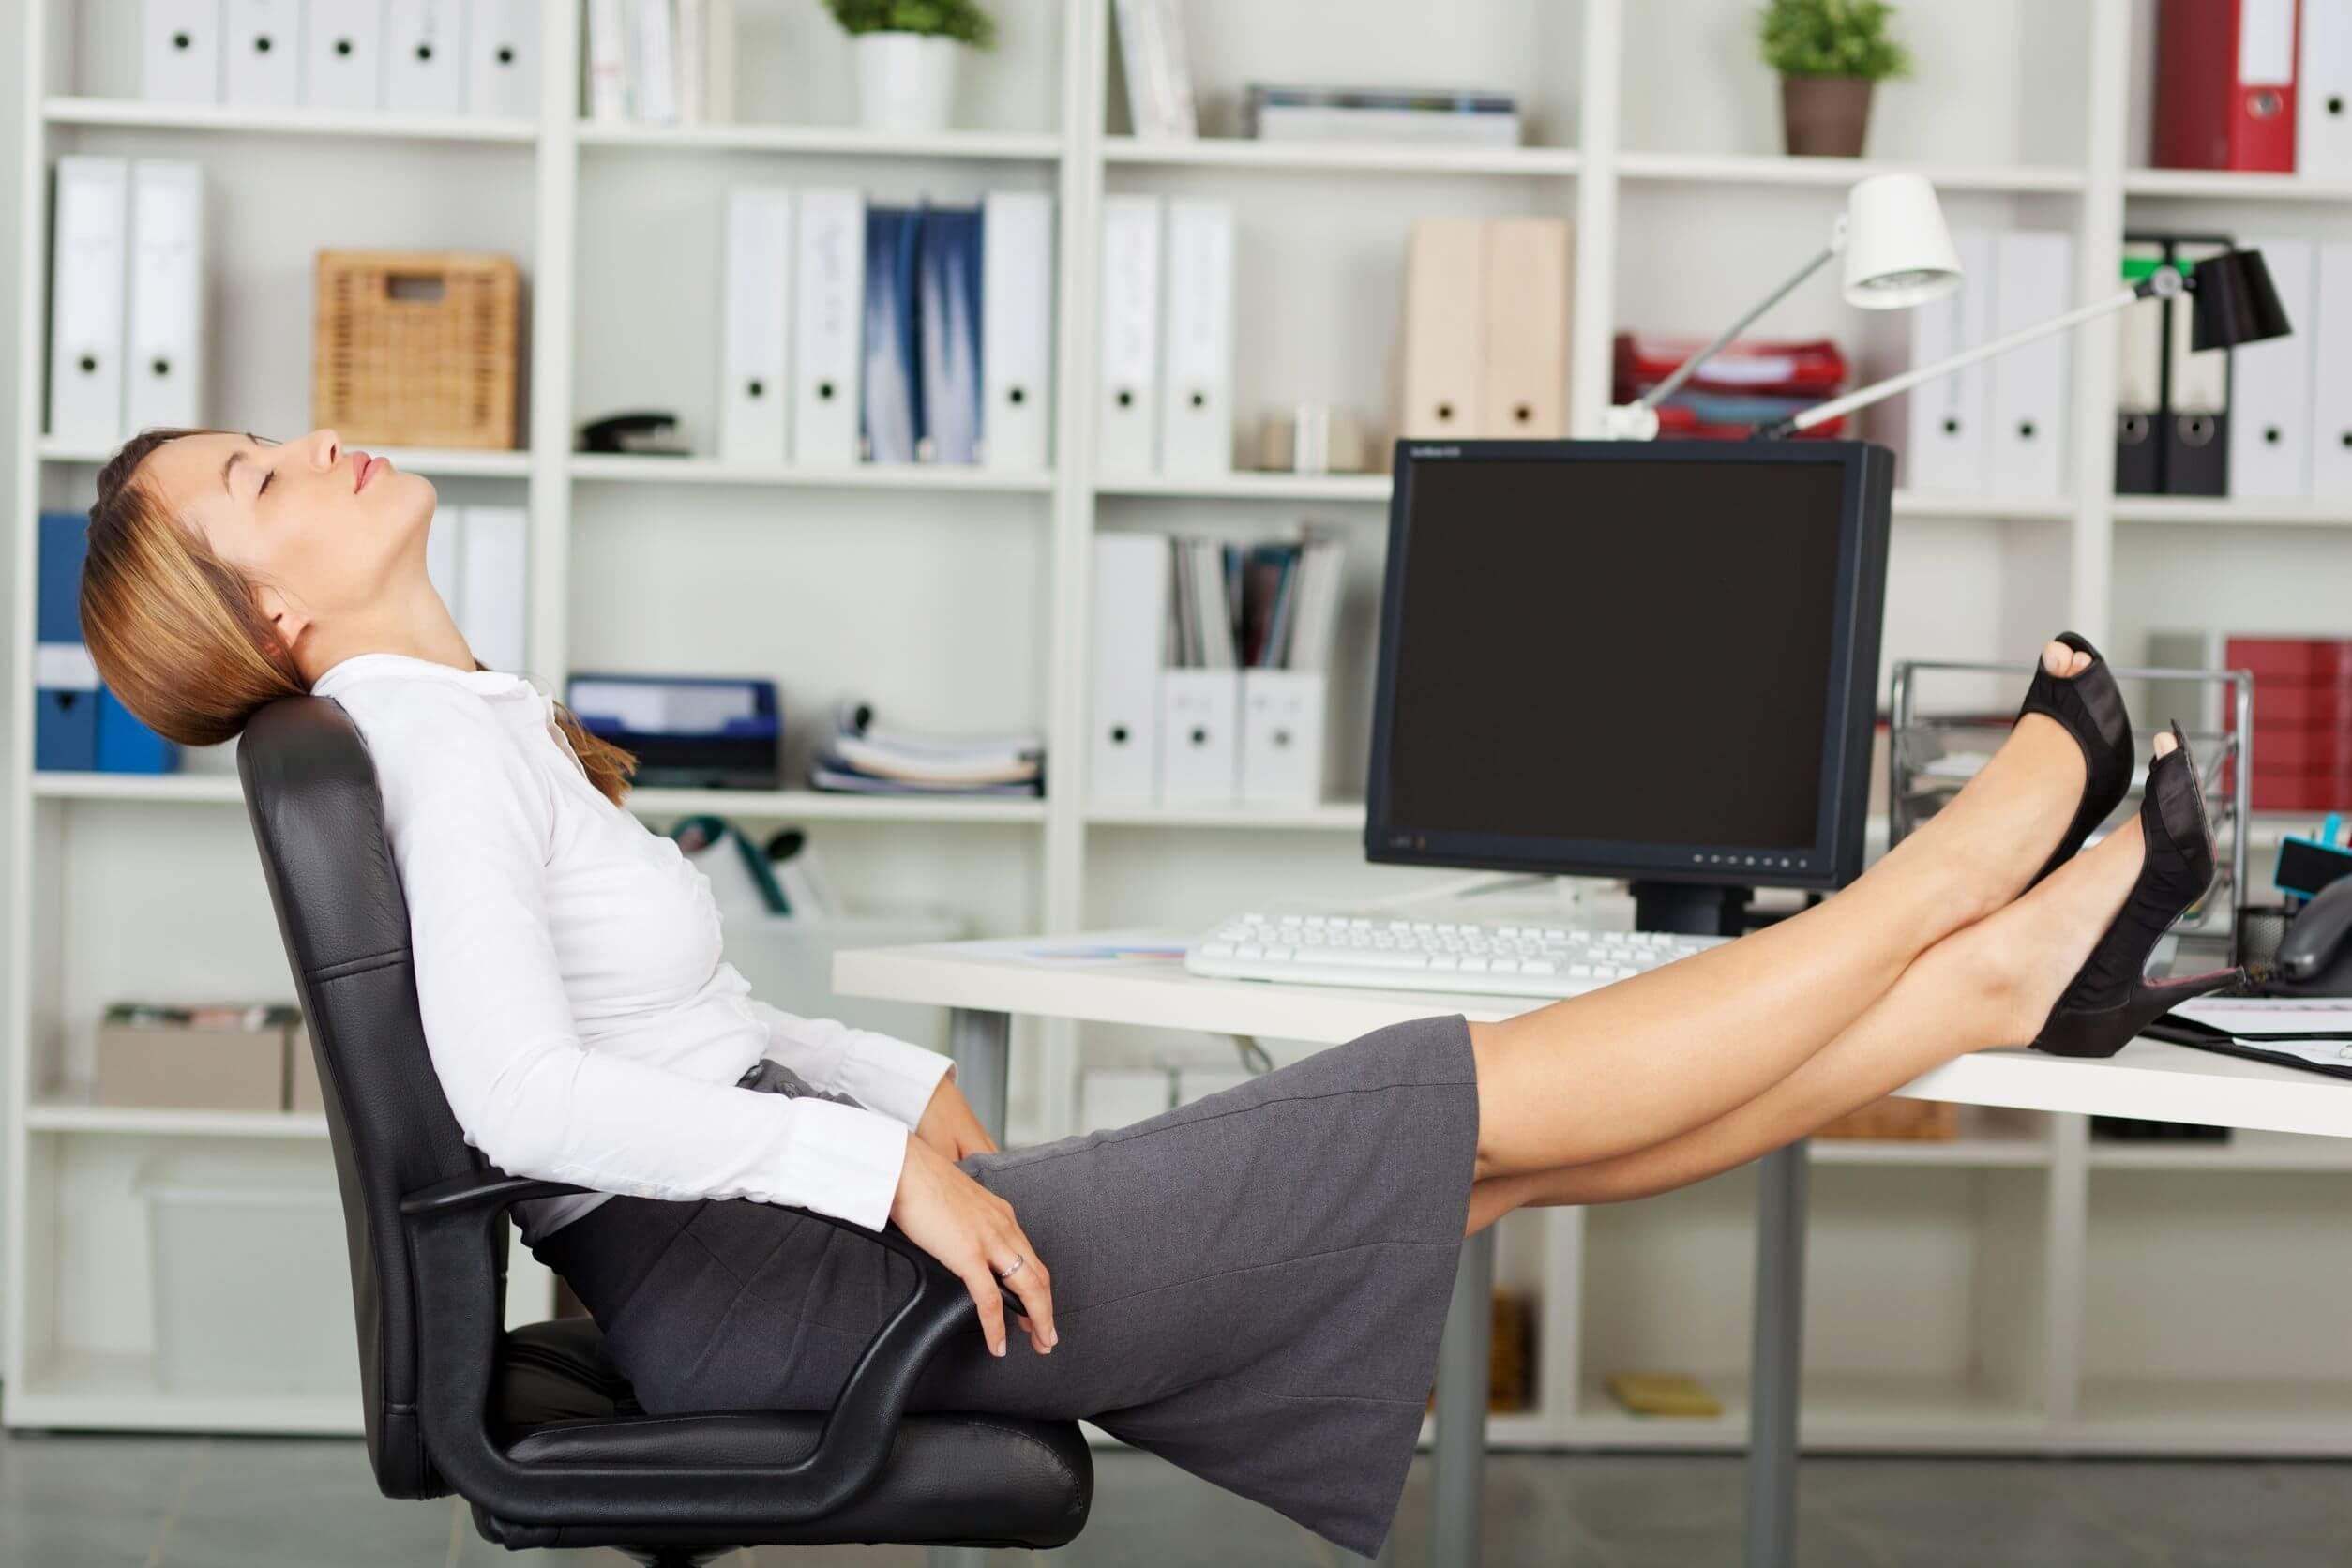 спину, фото девушек на офисном столе любительский